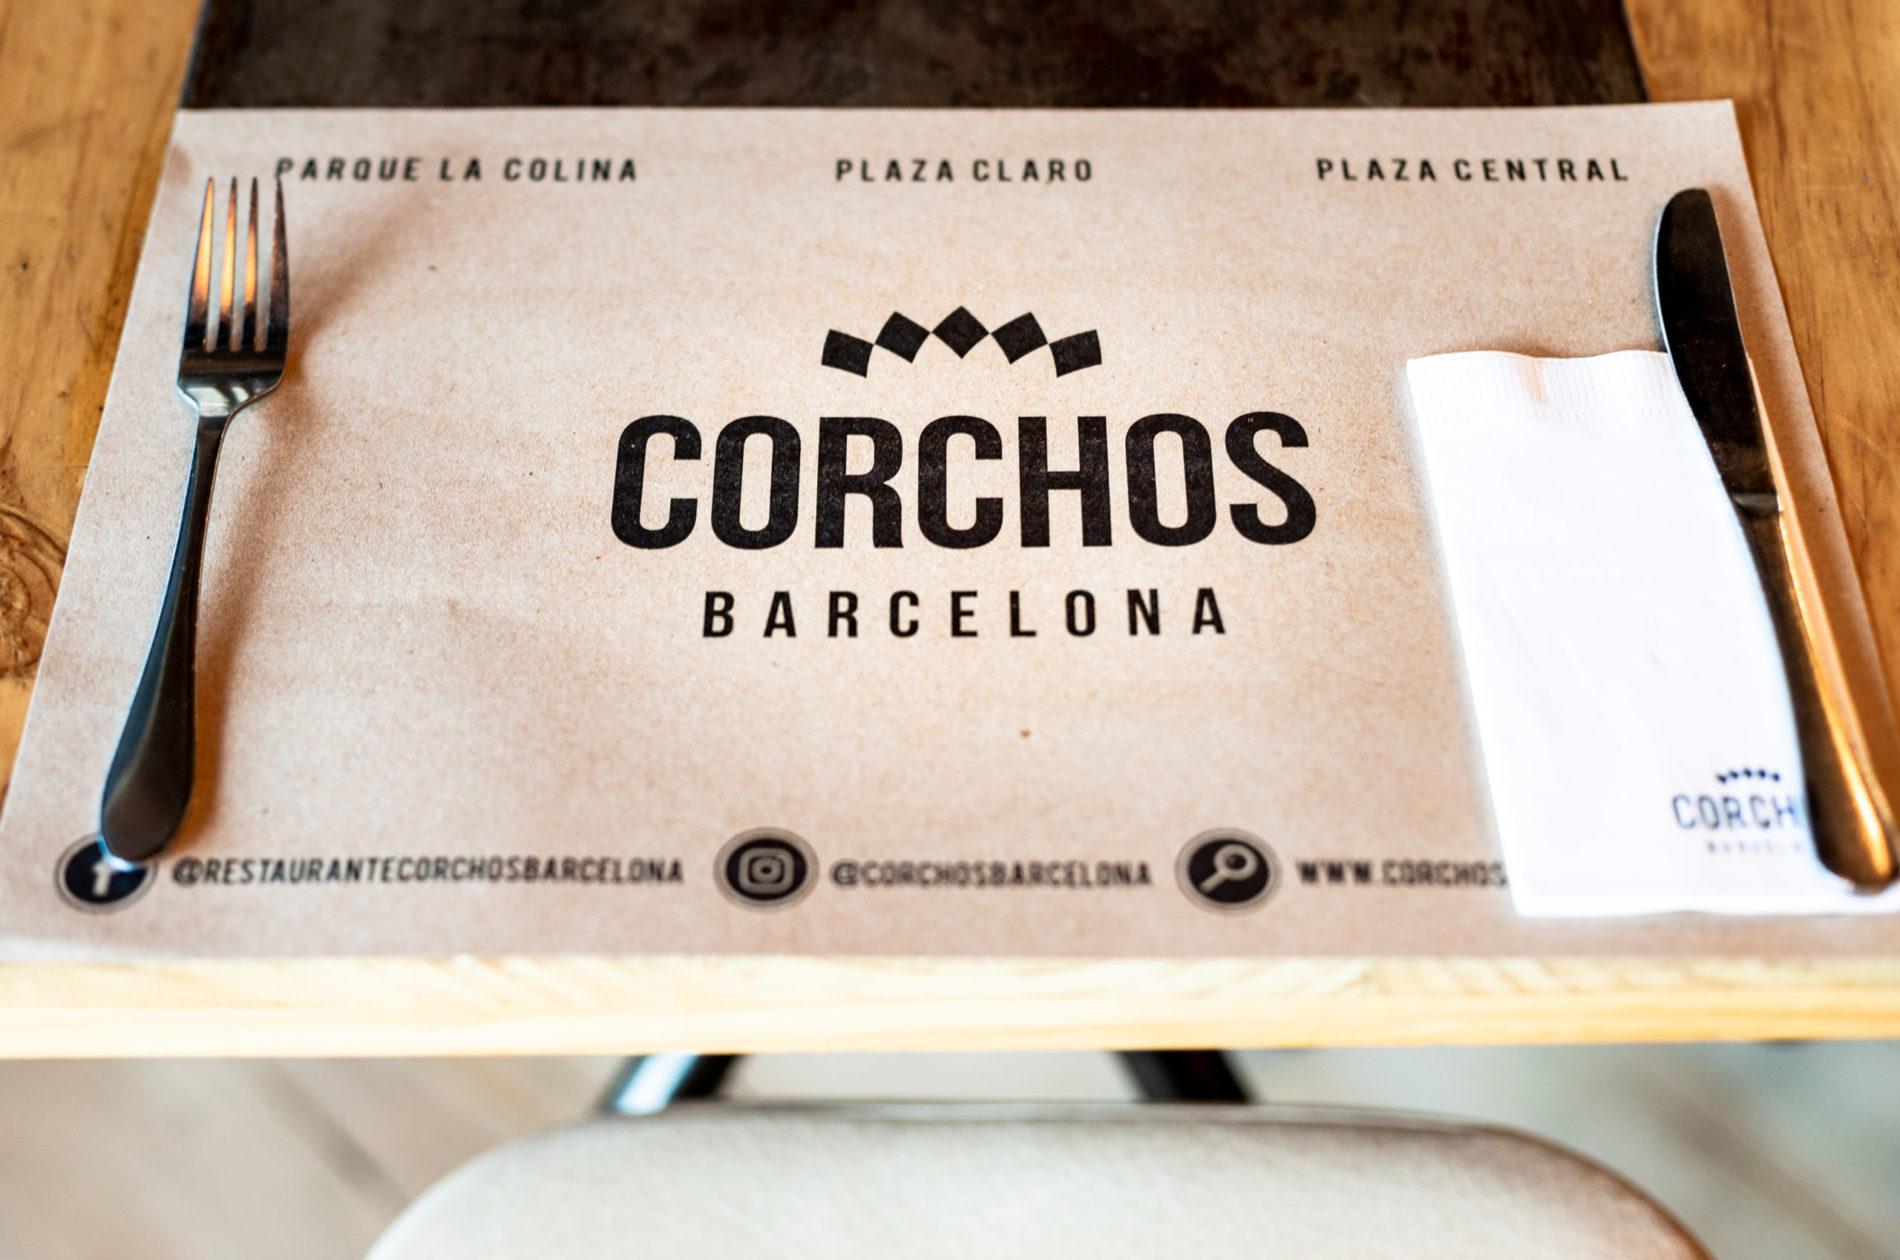 CORCHOS BARCELONA PLAZA CLARO